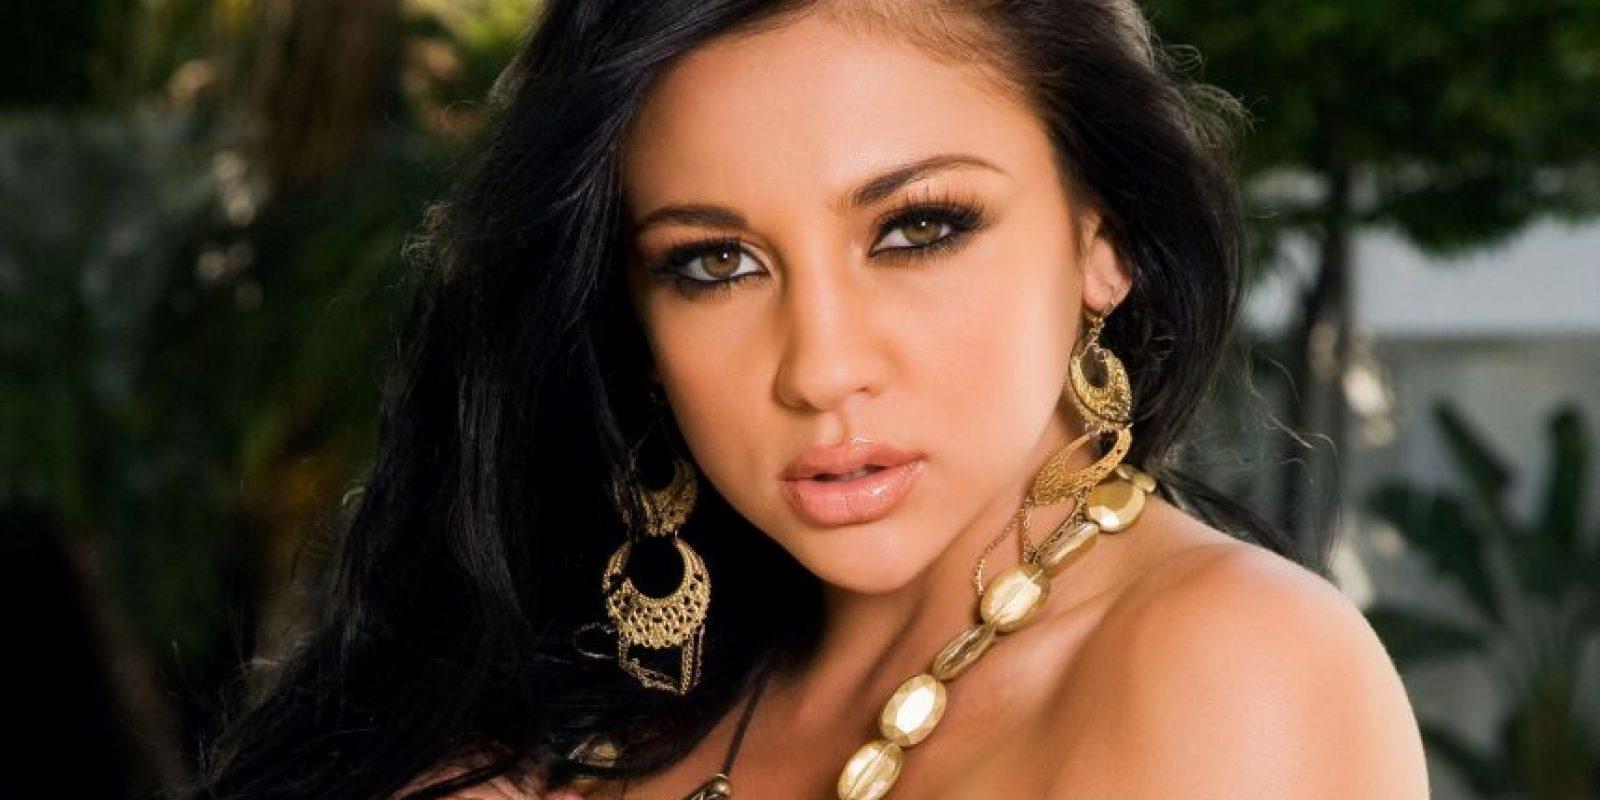 Actrices Porno Mas Ricas fotos: las estrellas porno más ricas del mundo (parte ii